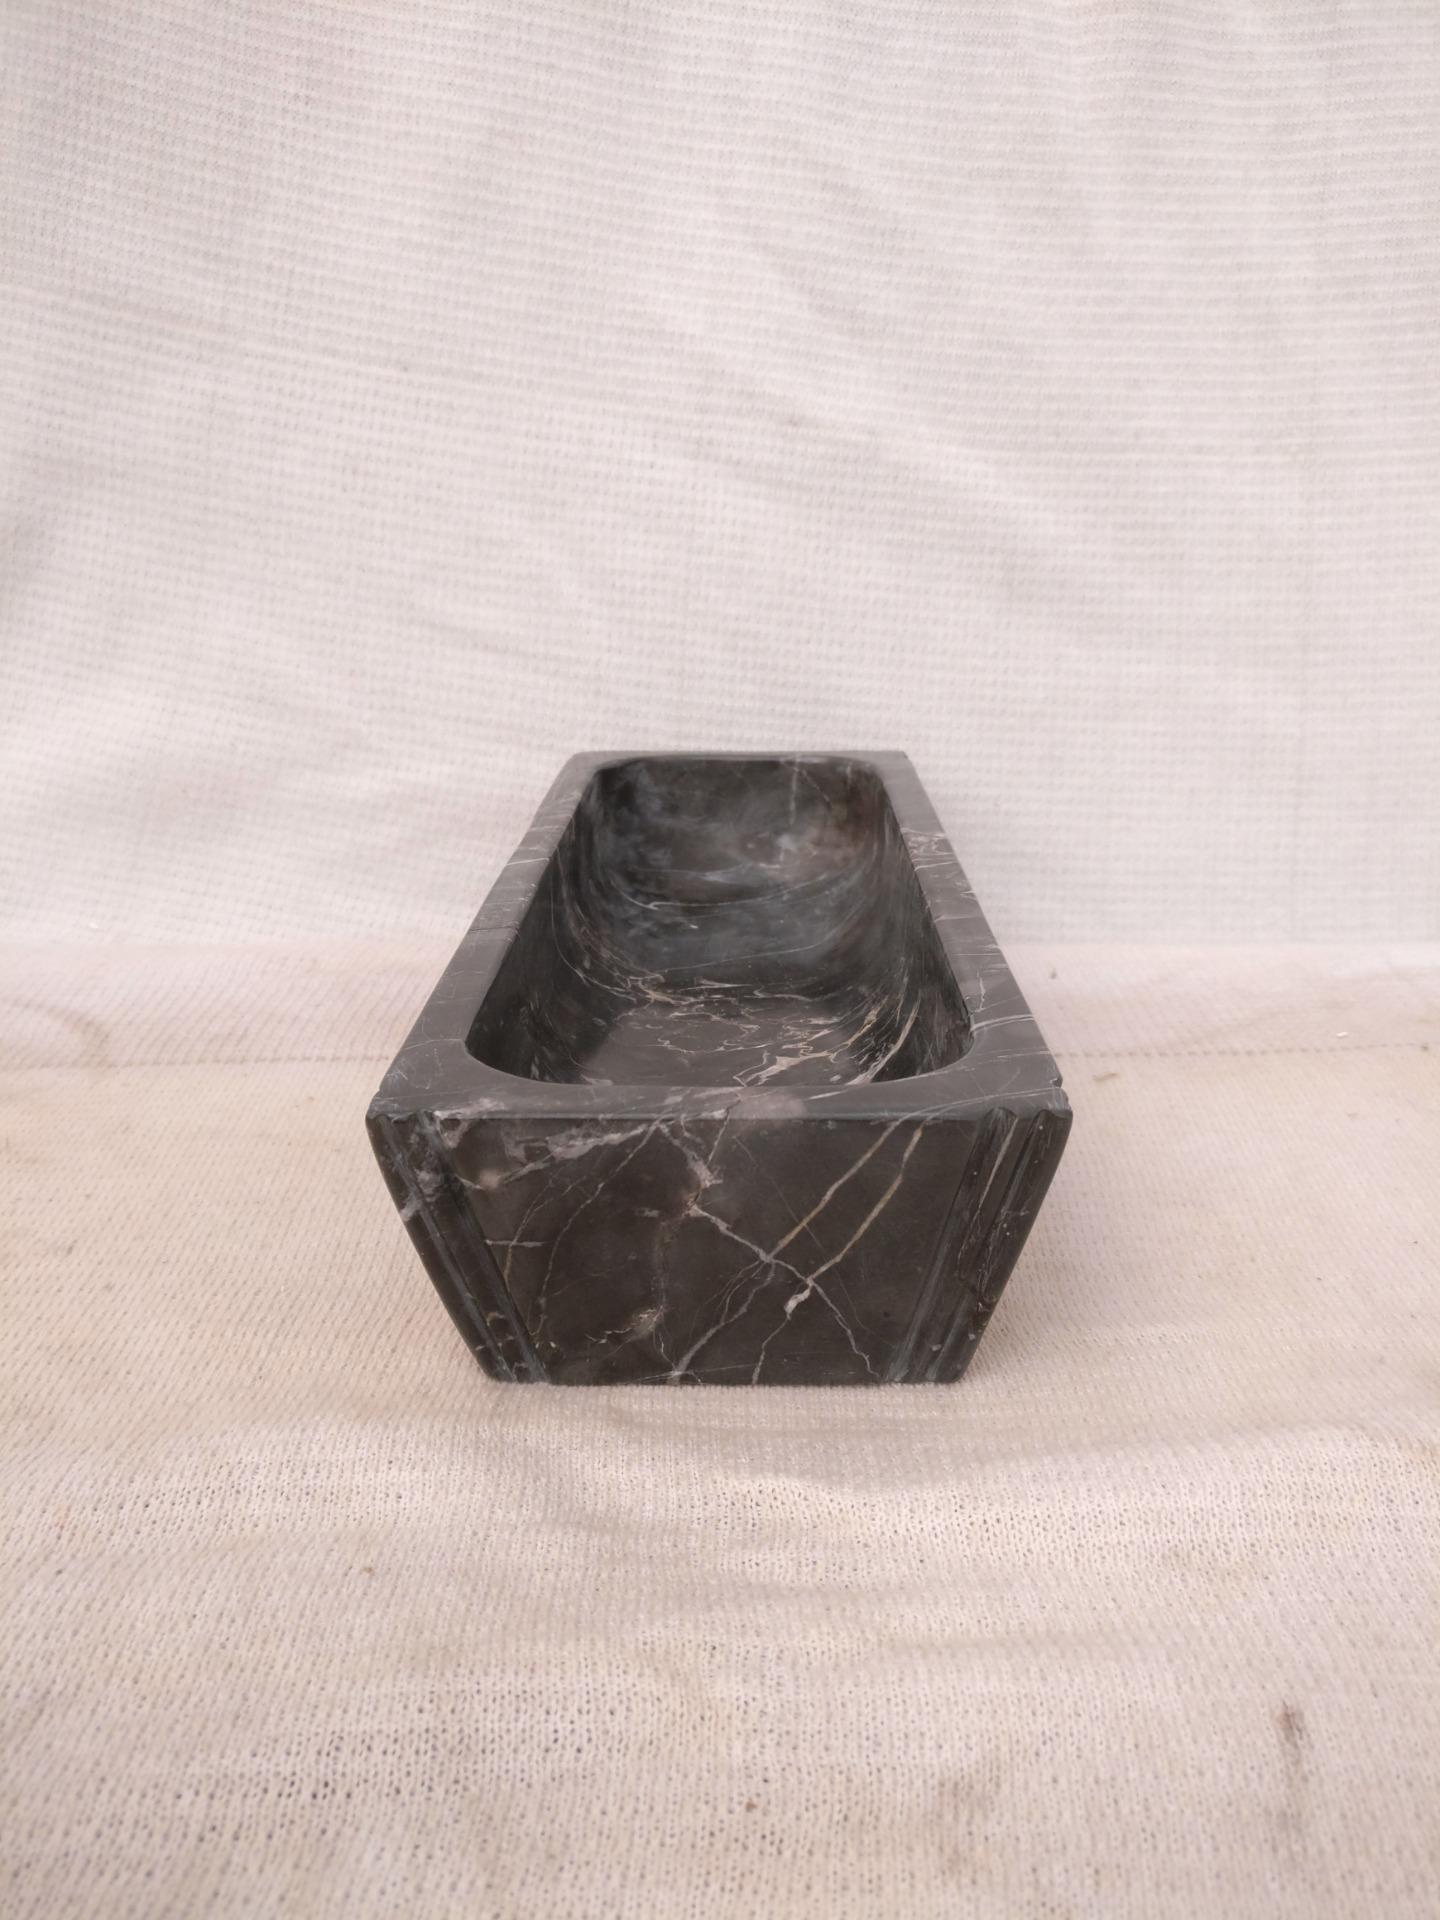 thumb7|Straordinario Portasigari Fascista in marmo nero marquinia con particolare intarsio - Roma - Periodo fascista - 30 x 11,5 x h 6 cm